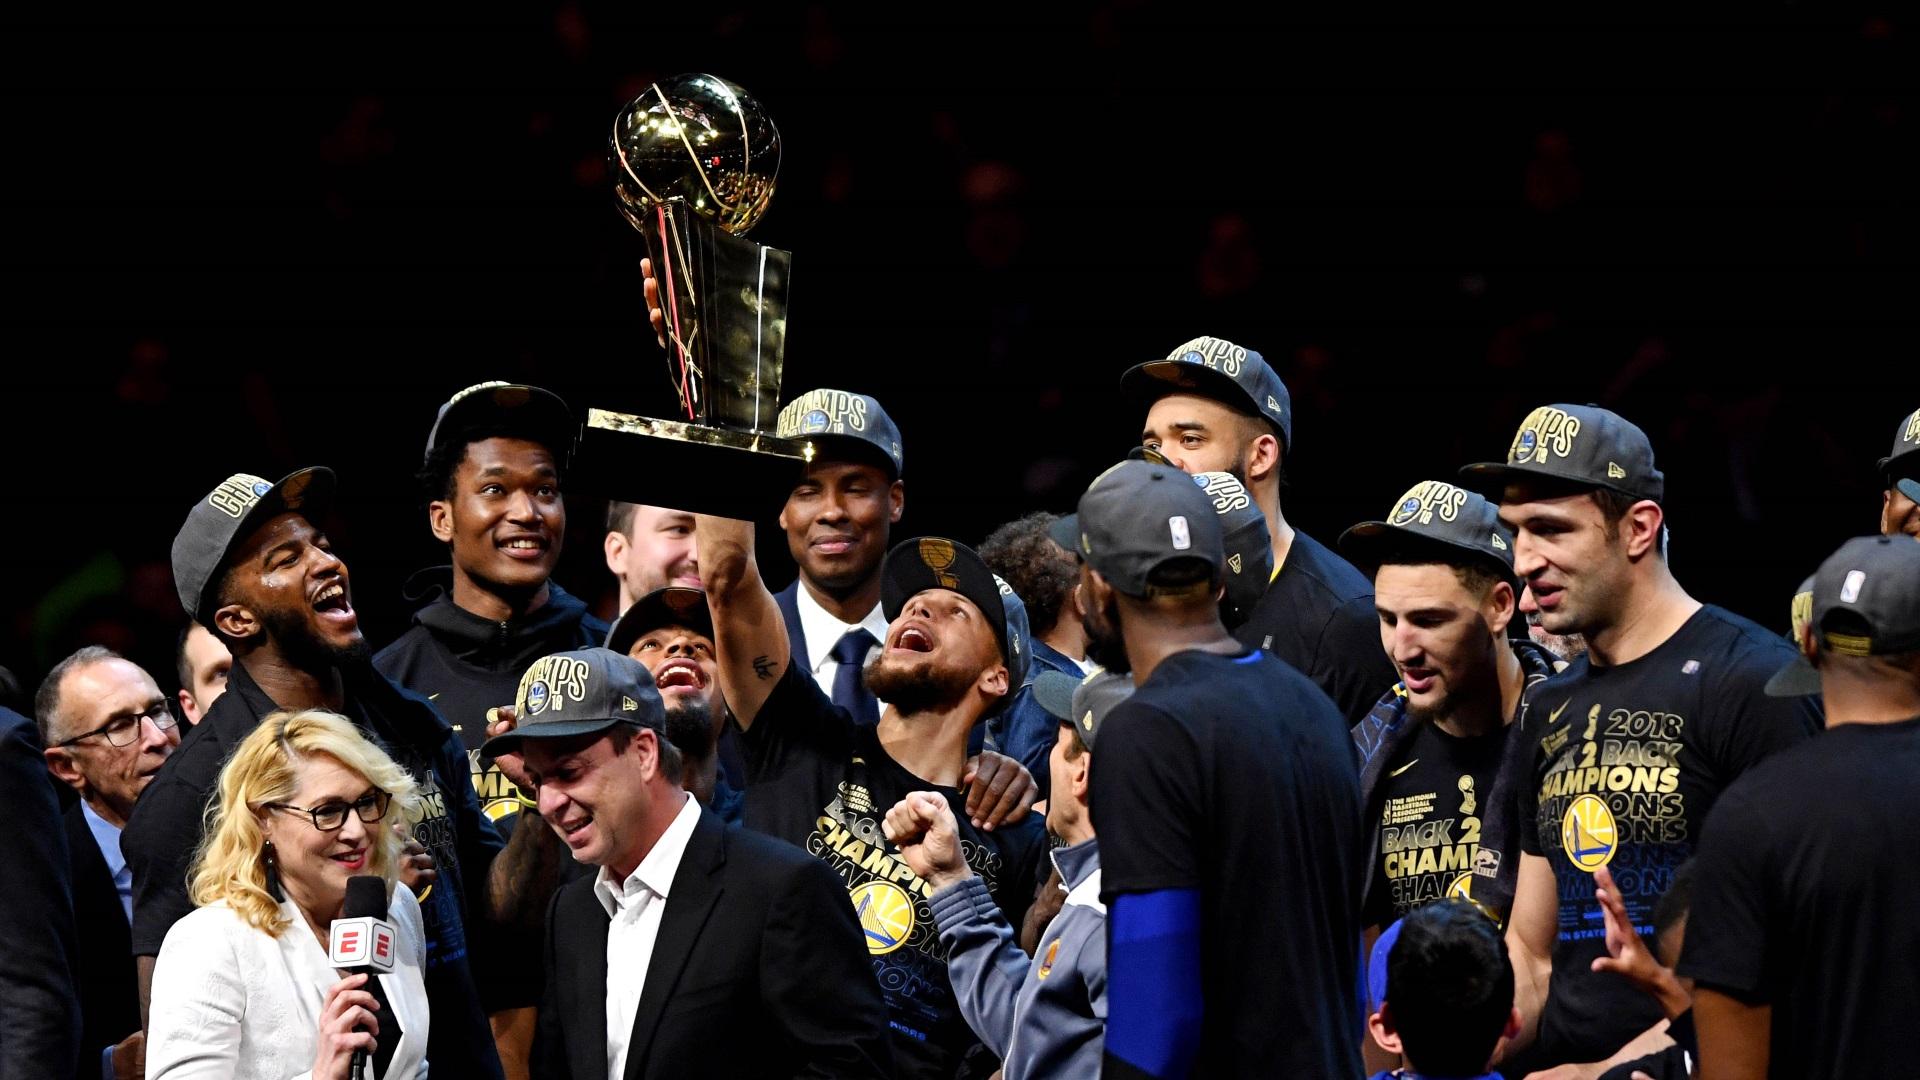 Golden State Warriors derrota a Cleveland Cavaliers y se consagra campeón de la NBA por tercera vez en cuatro años el 9 de junio